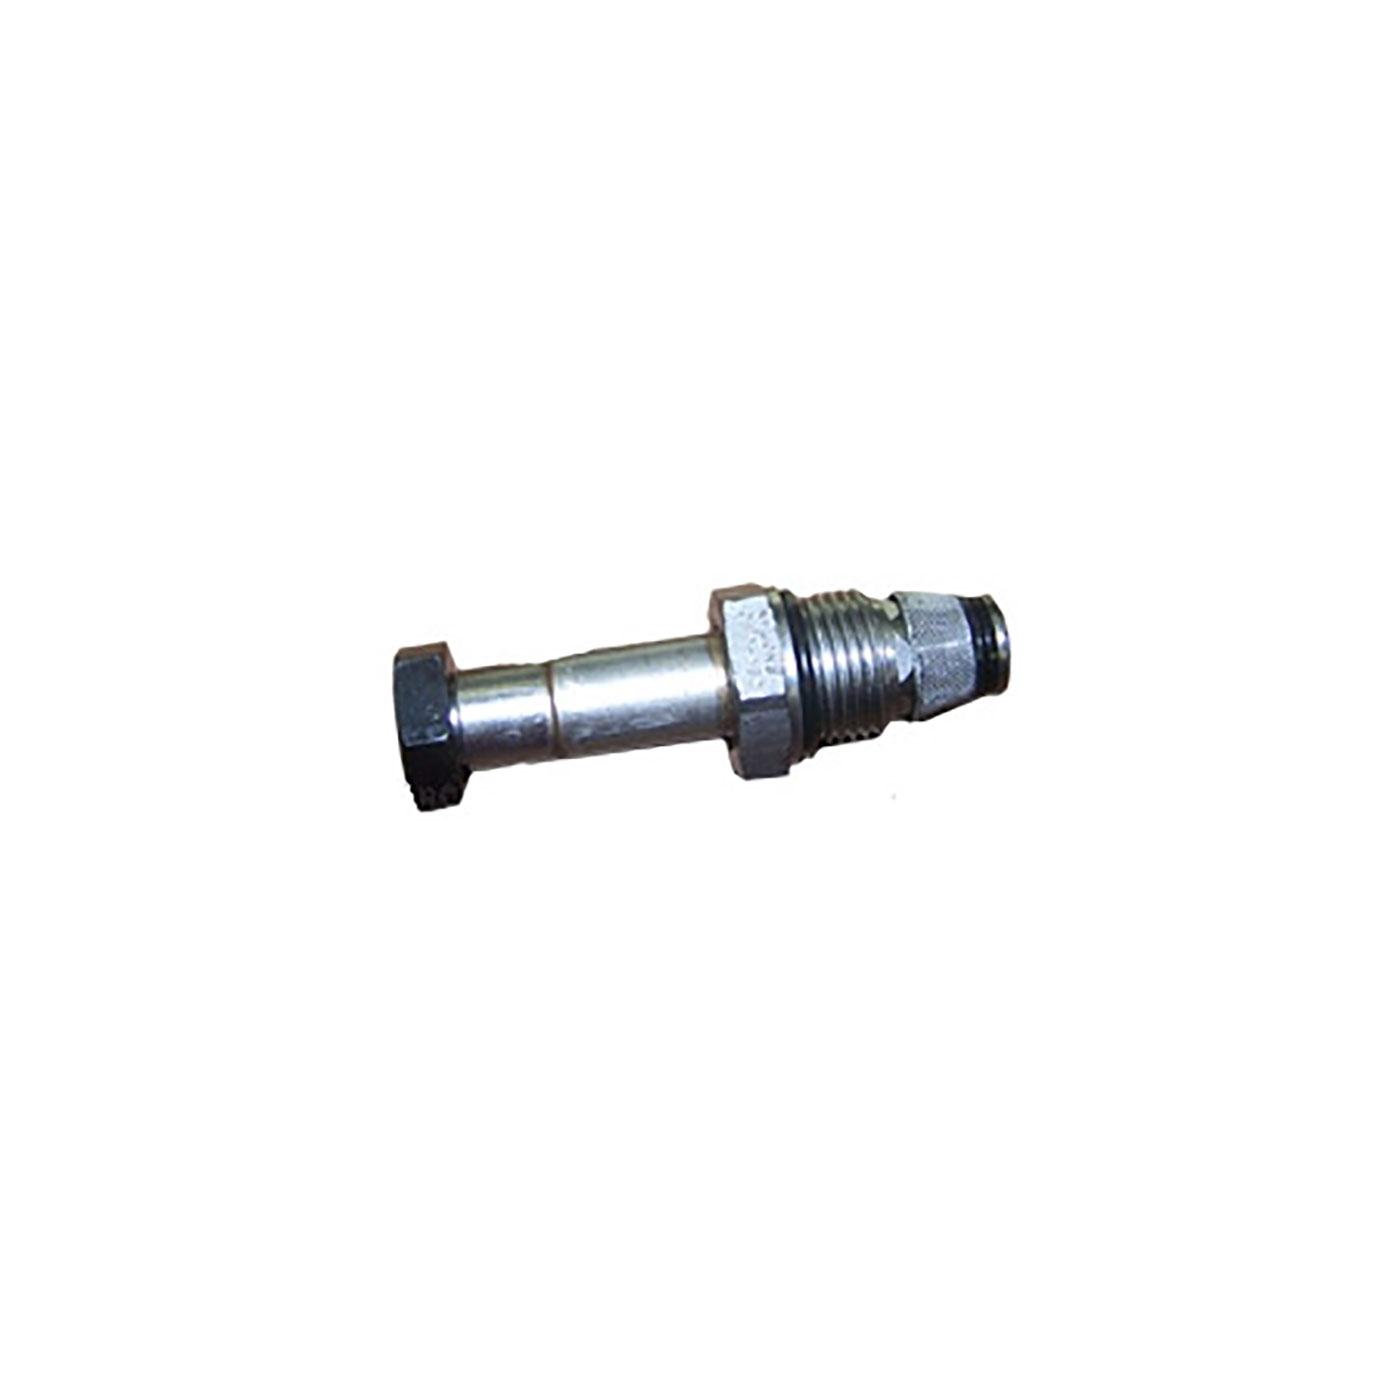 Cartridge 20 w/Nut (Western)